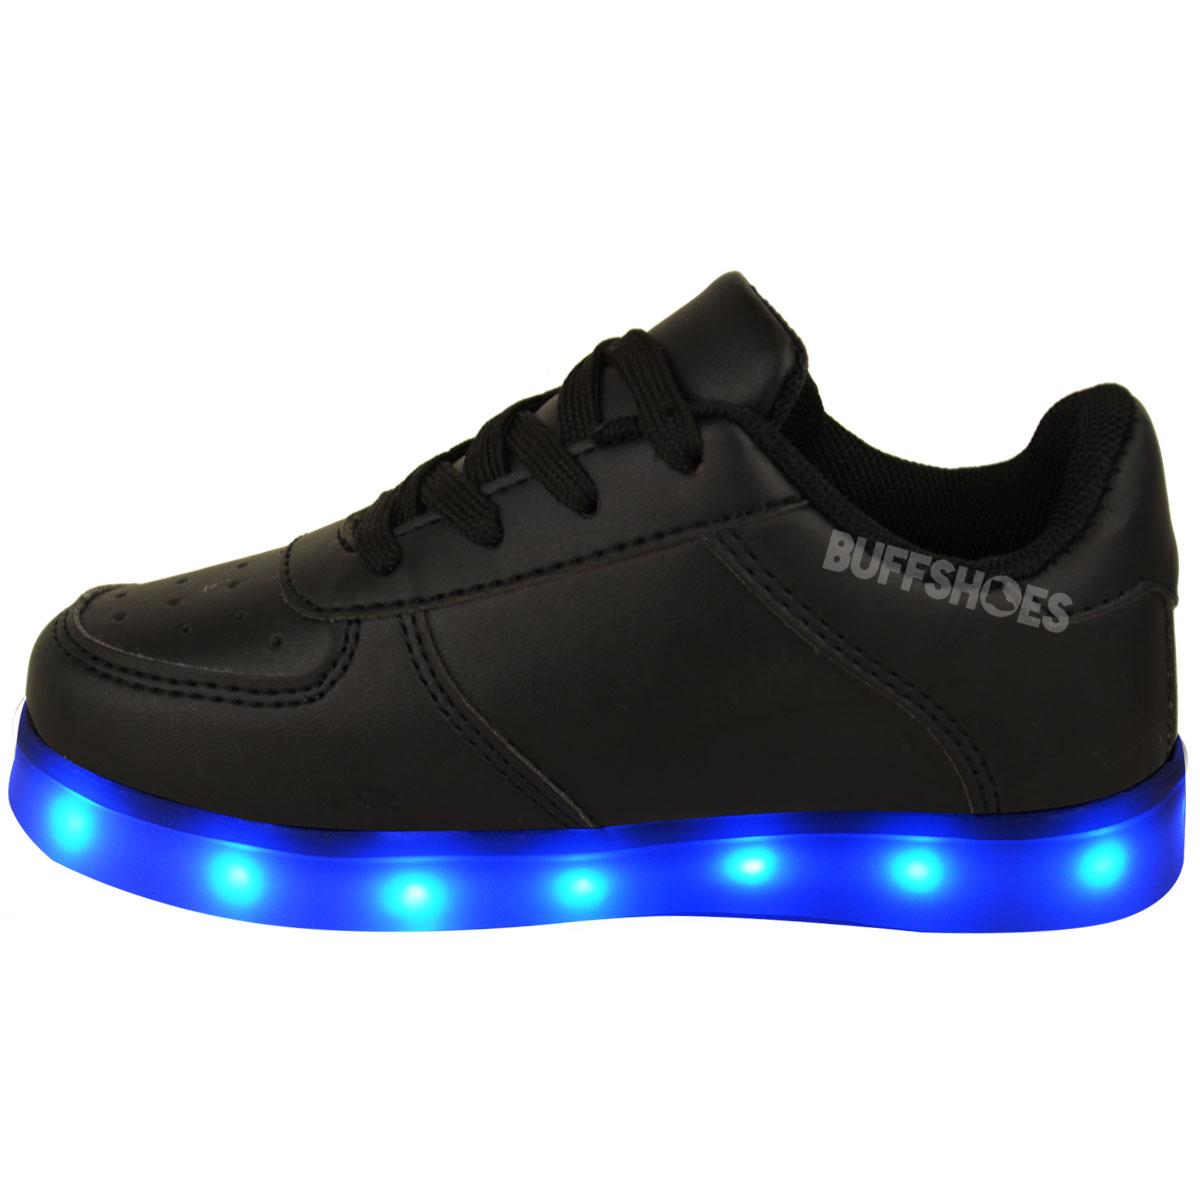 Led Light Shoes Ebay Uk